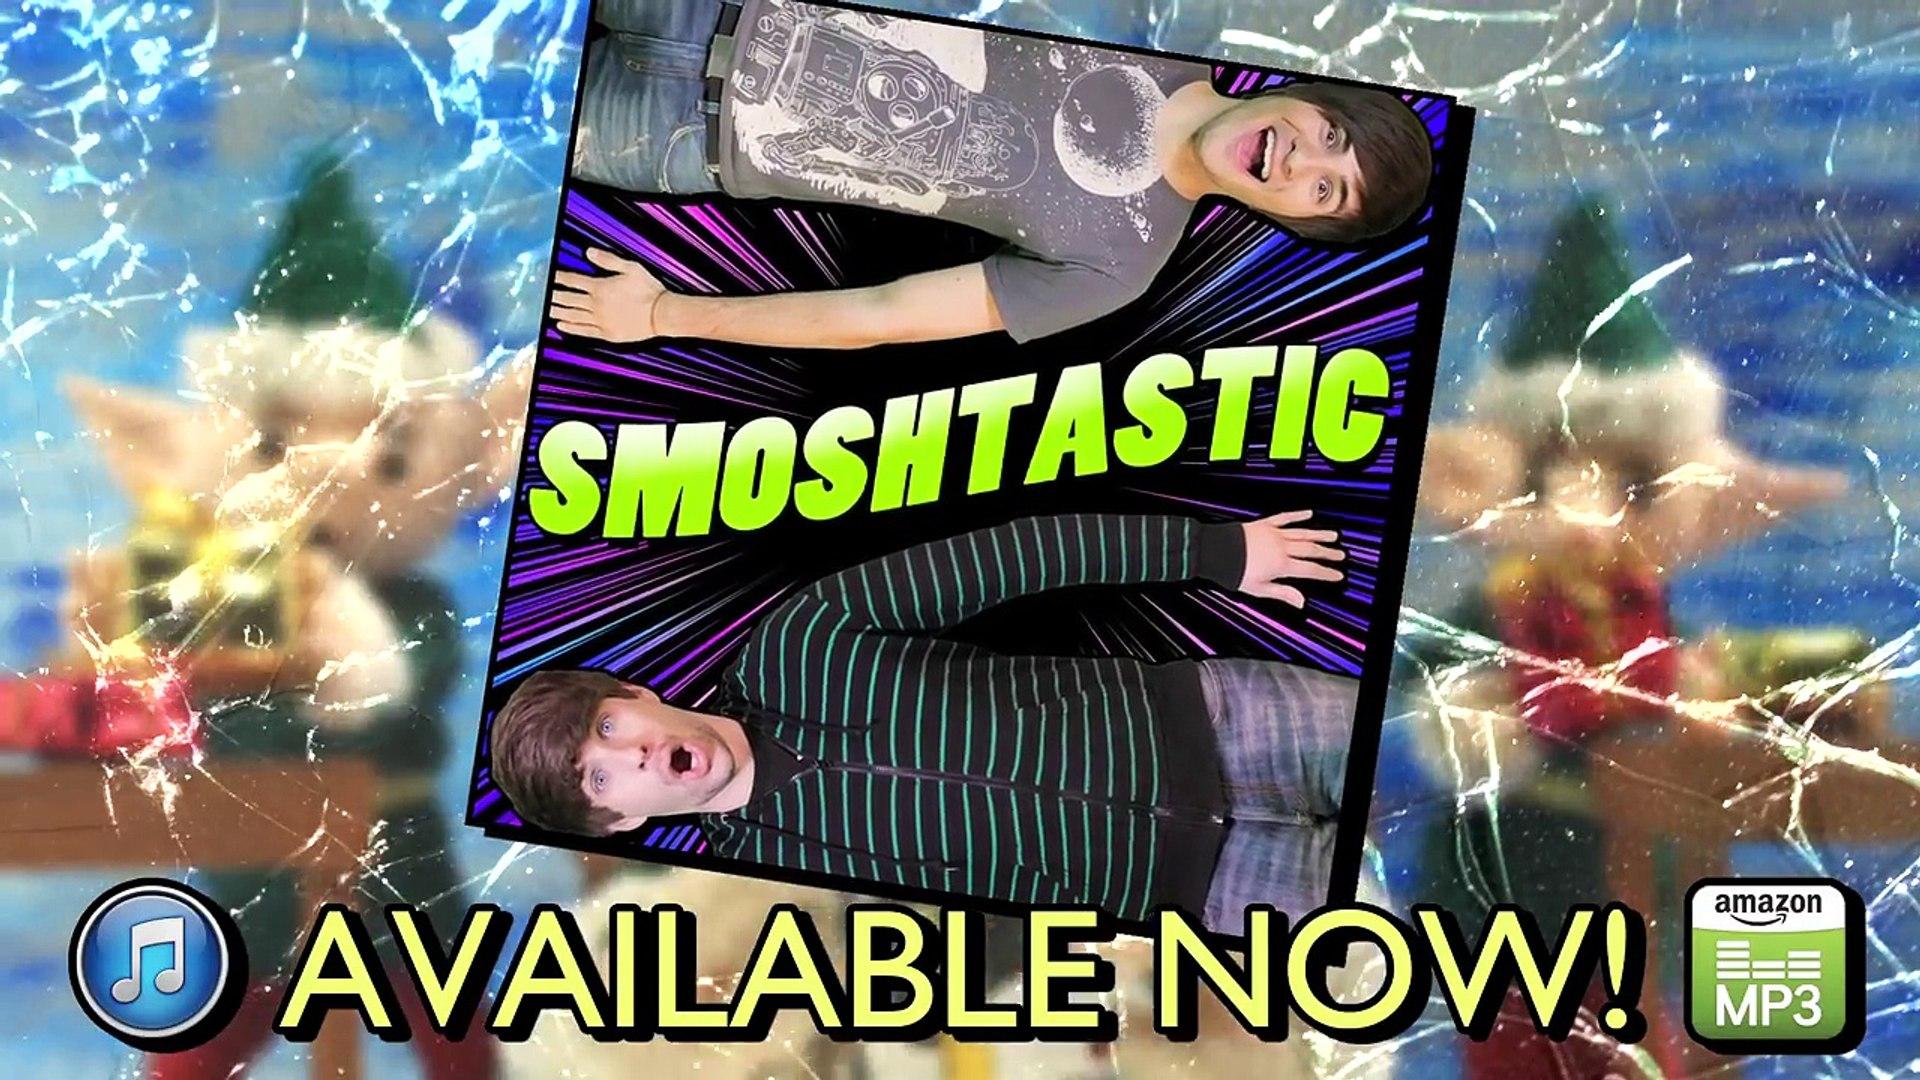 smoshtastic mp3